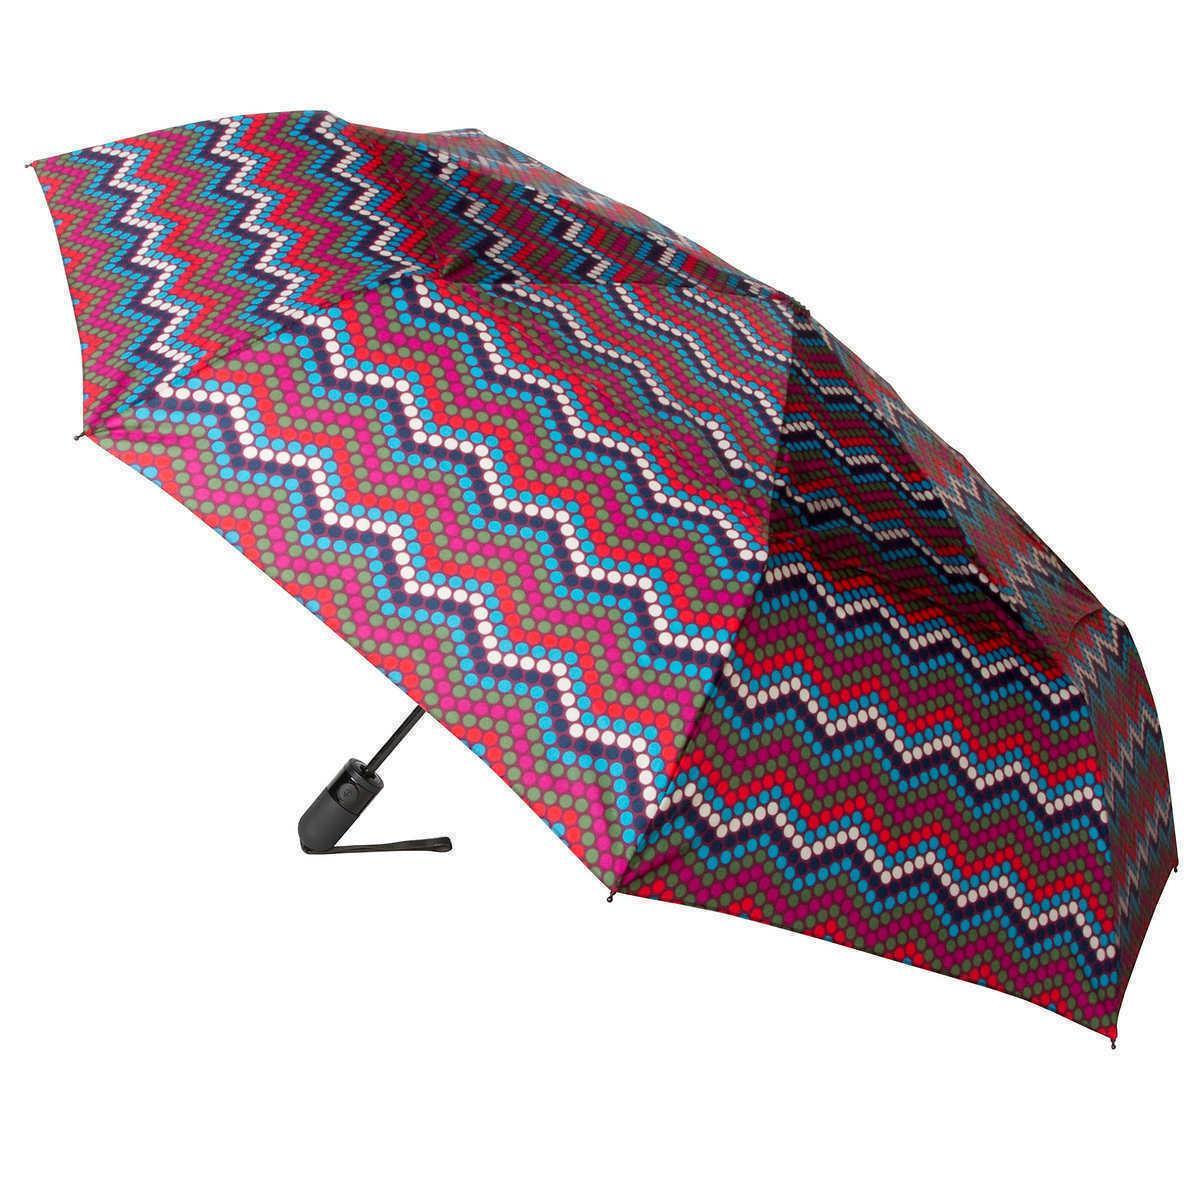 Eco-friendly Shedrain Vented Umbrella, Auto open, Auto close